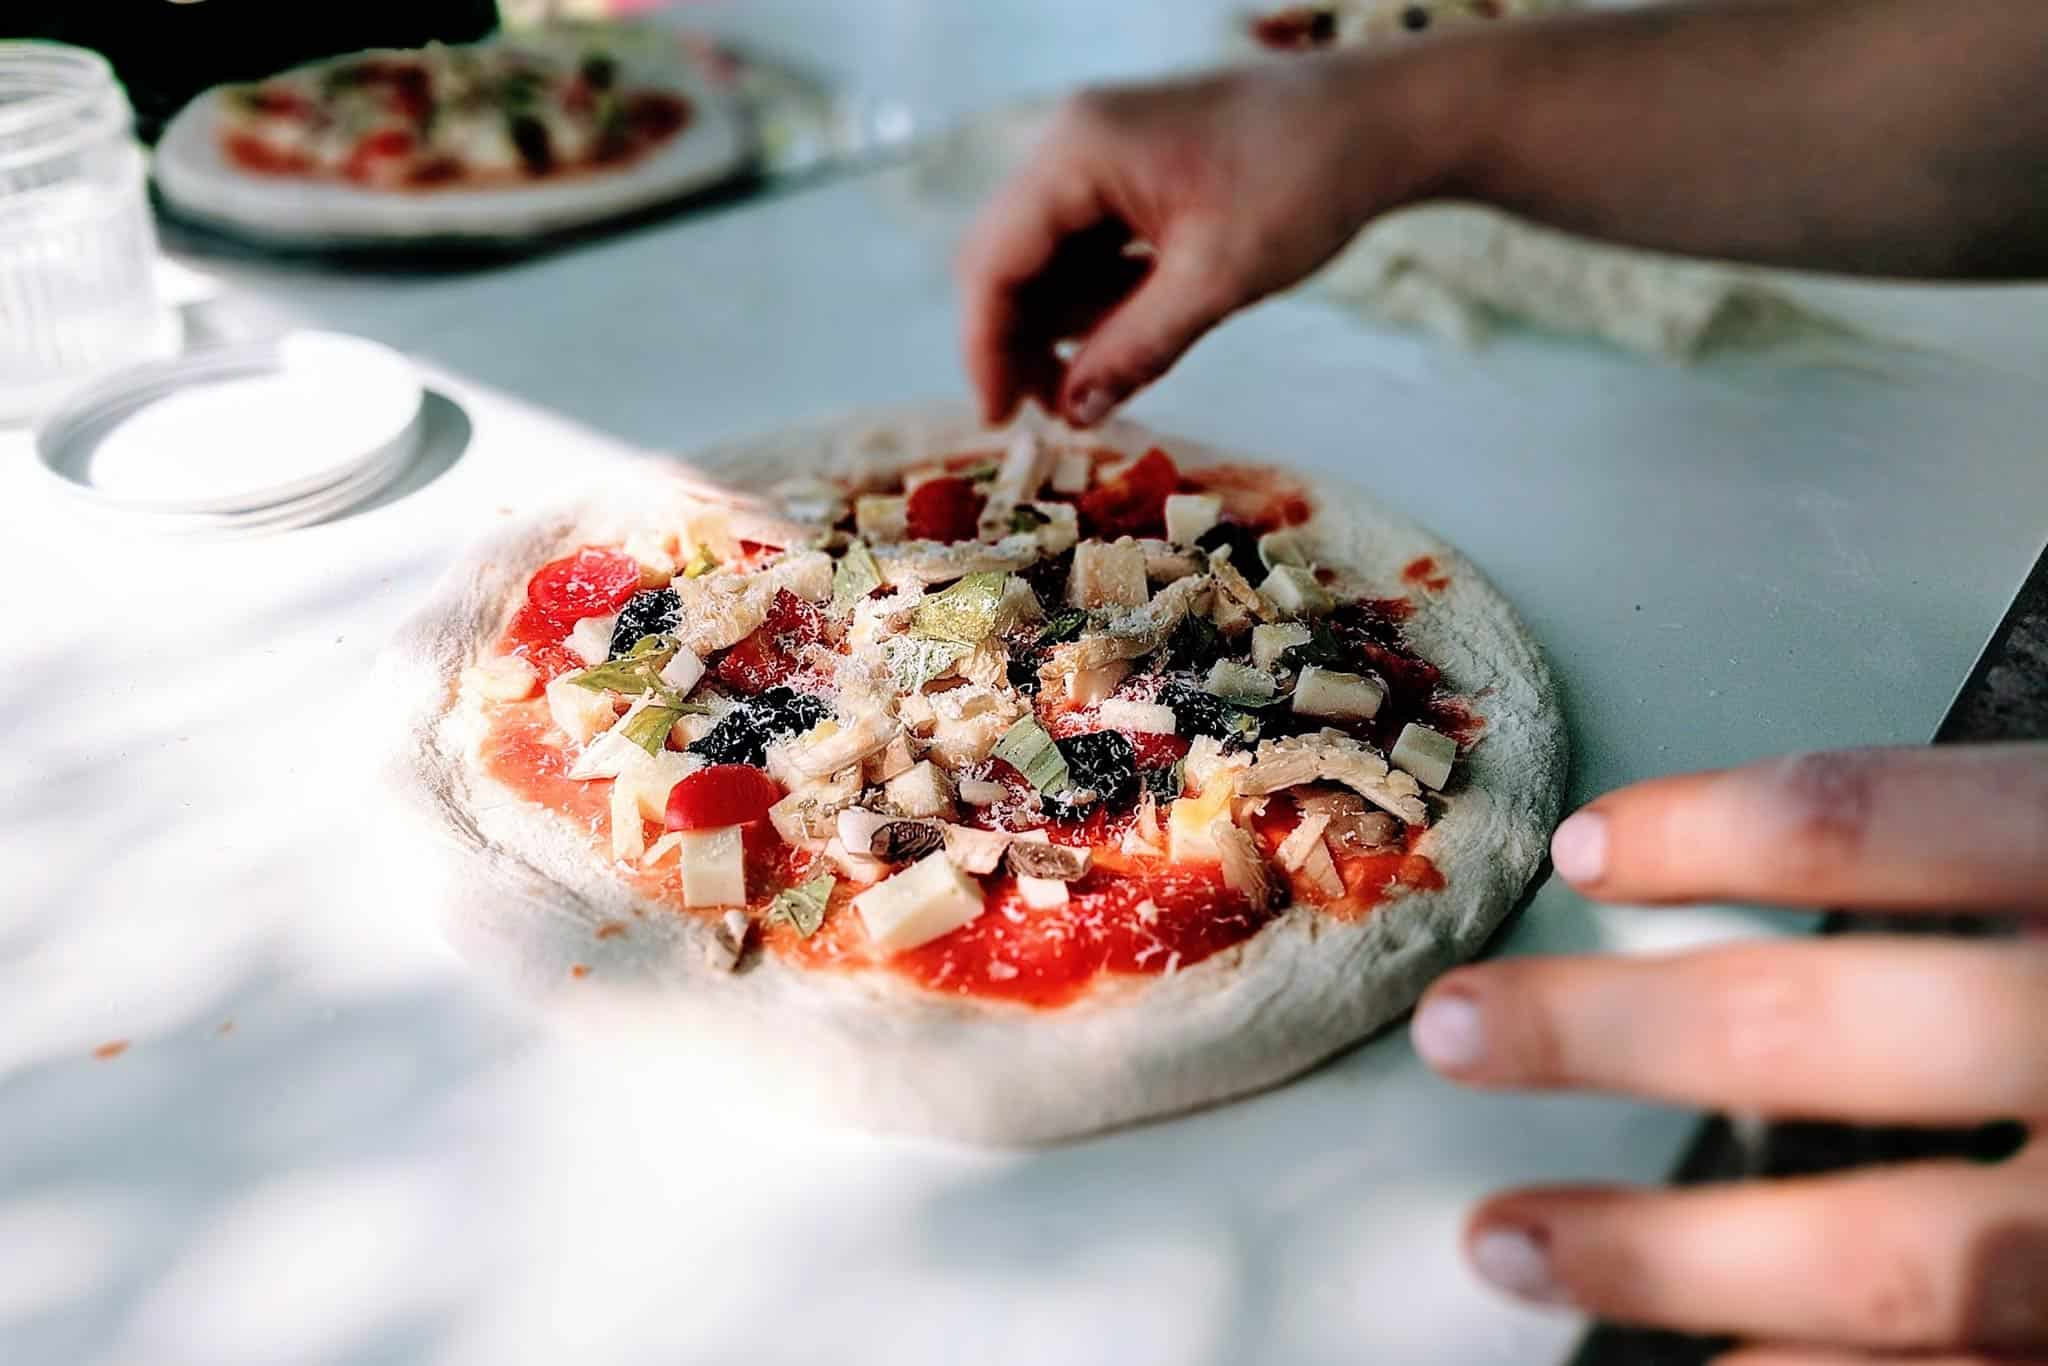 Schwedenschanze Pizzeria Ristorante Ravensburg Pizza 07 Unsplash